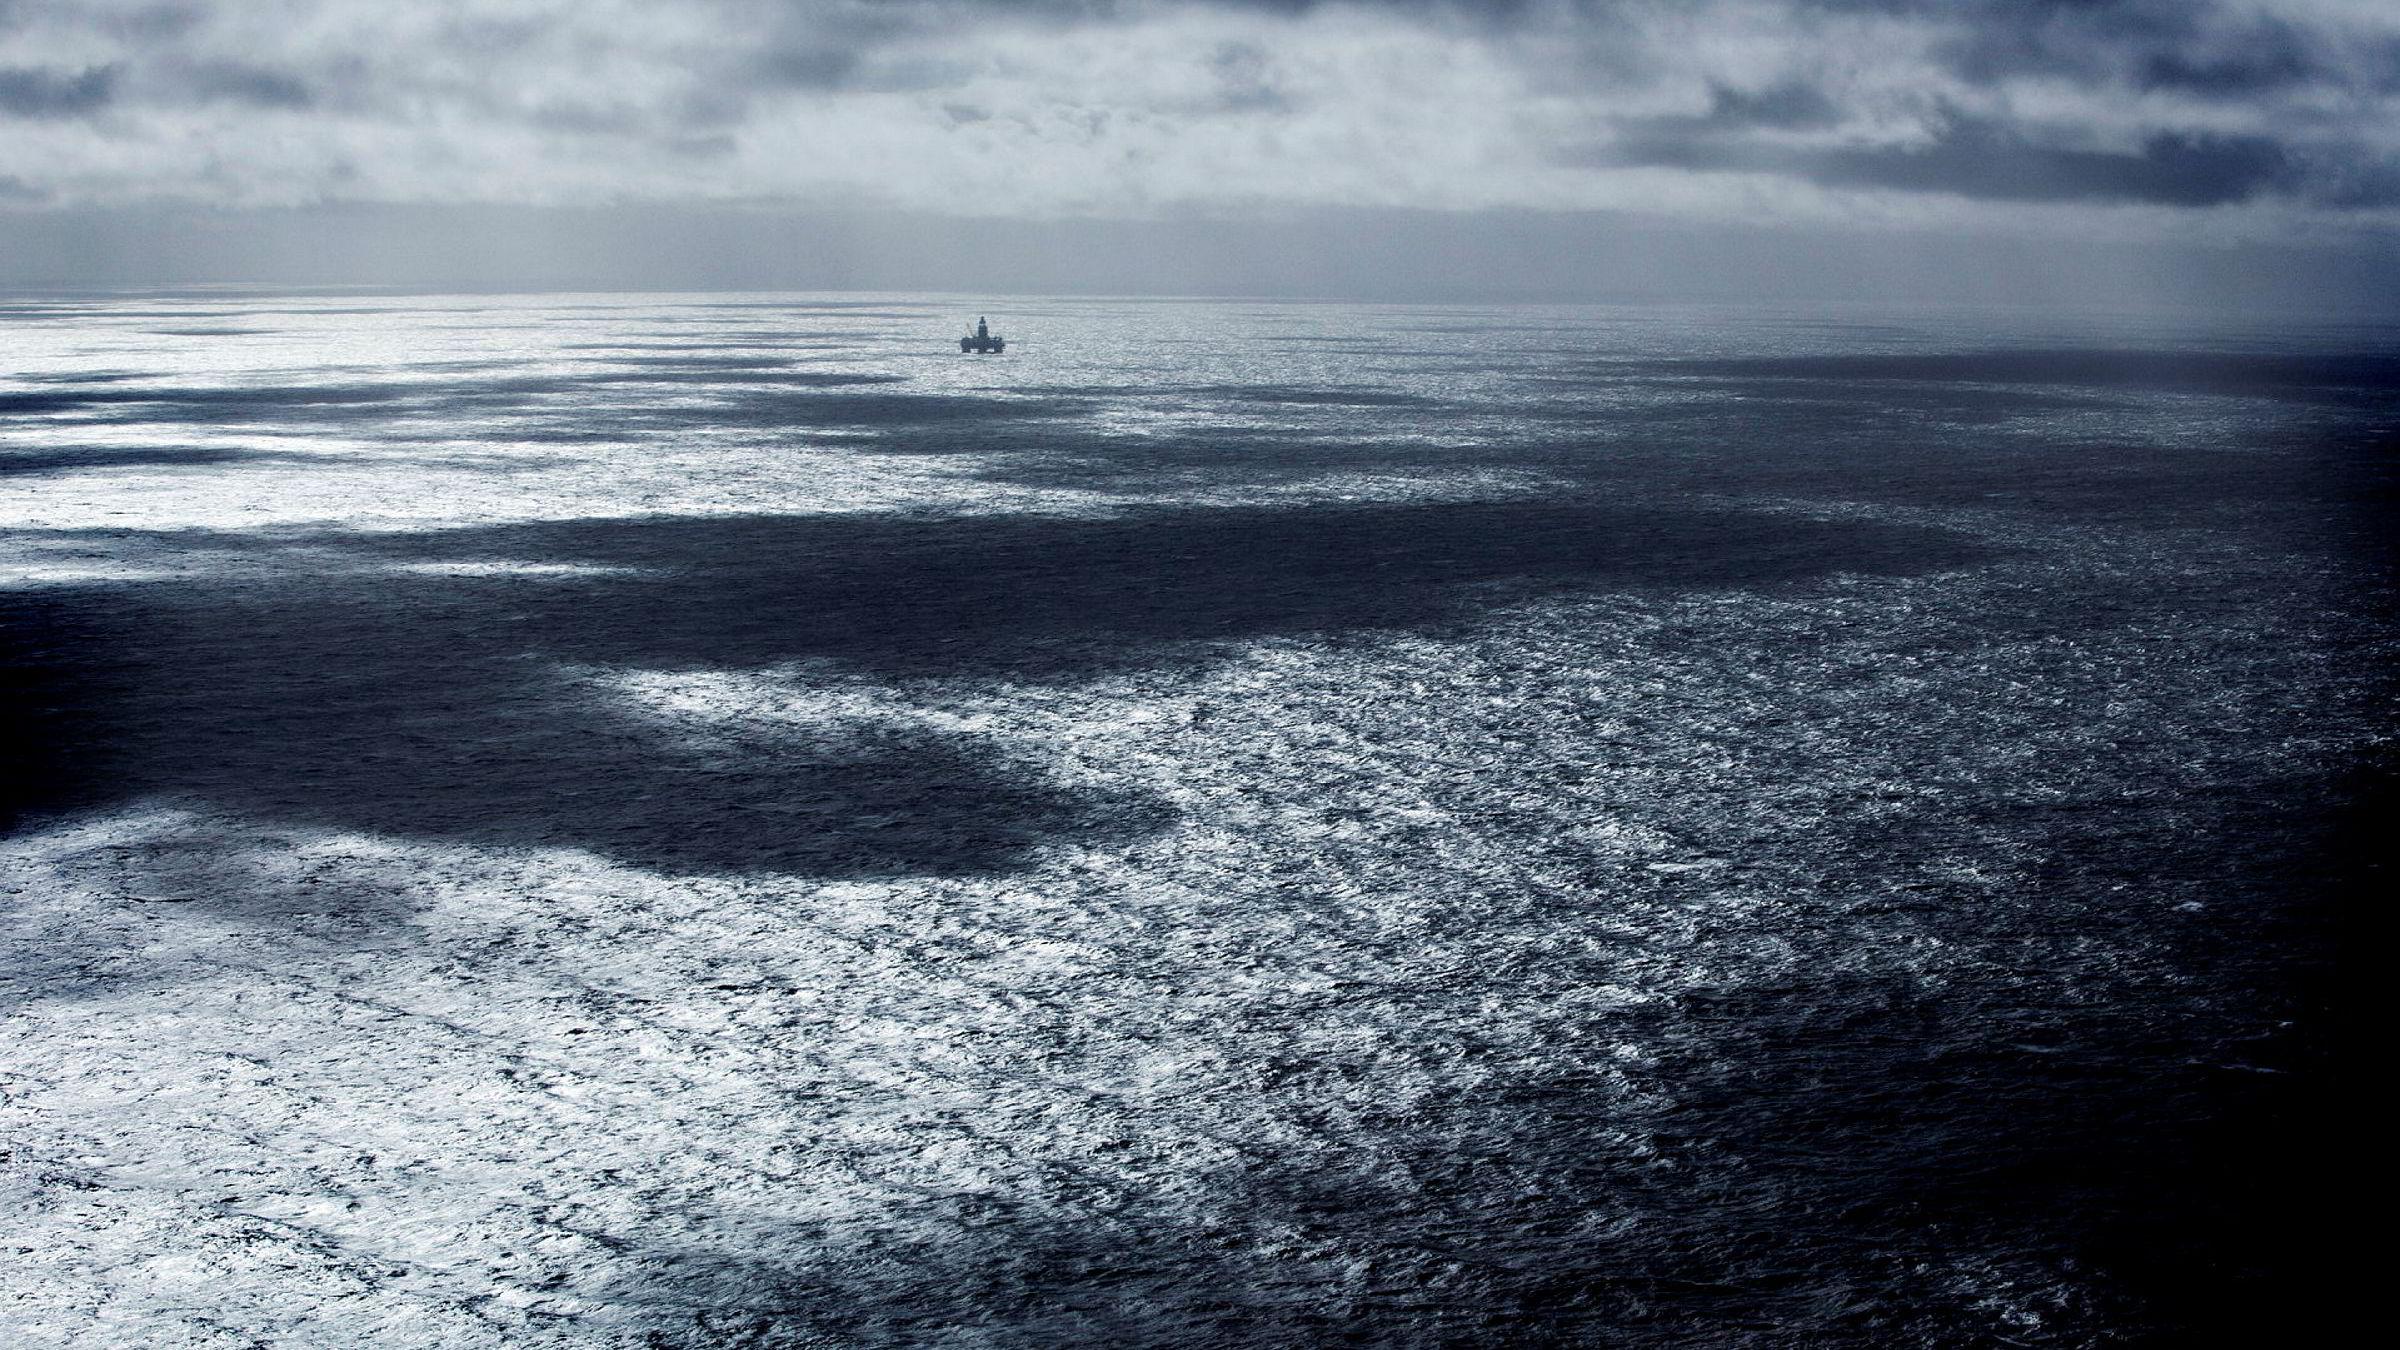 Her fra Barentshavet der riggen Songa Enabler inntil nylig boret injeksjonsbrønn for å lagre CO2 som har komme med Snøhvitgassen til Statoil. Kontrakten ble imidlertid suspendert i slutten av november. 170 riggansatte ble permittert.